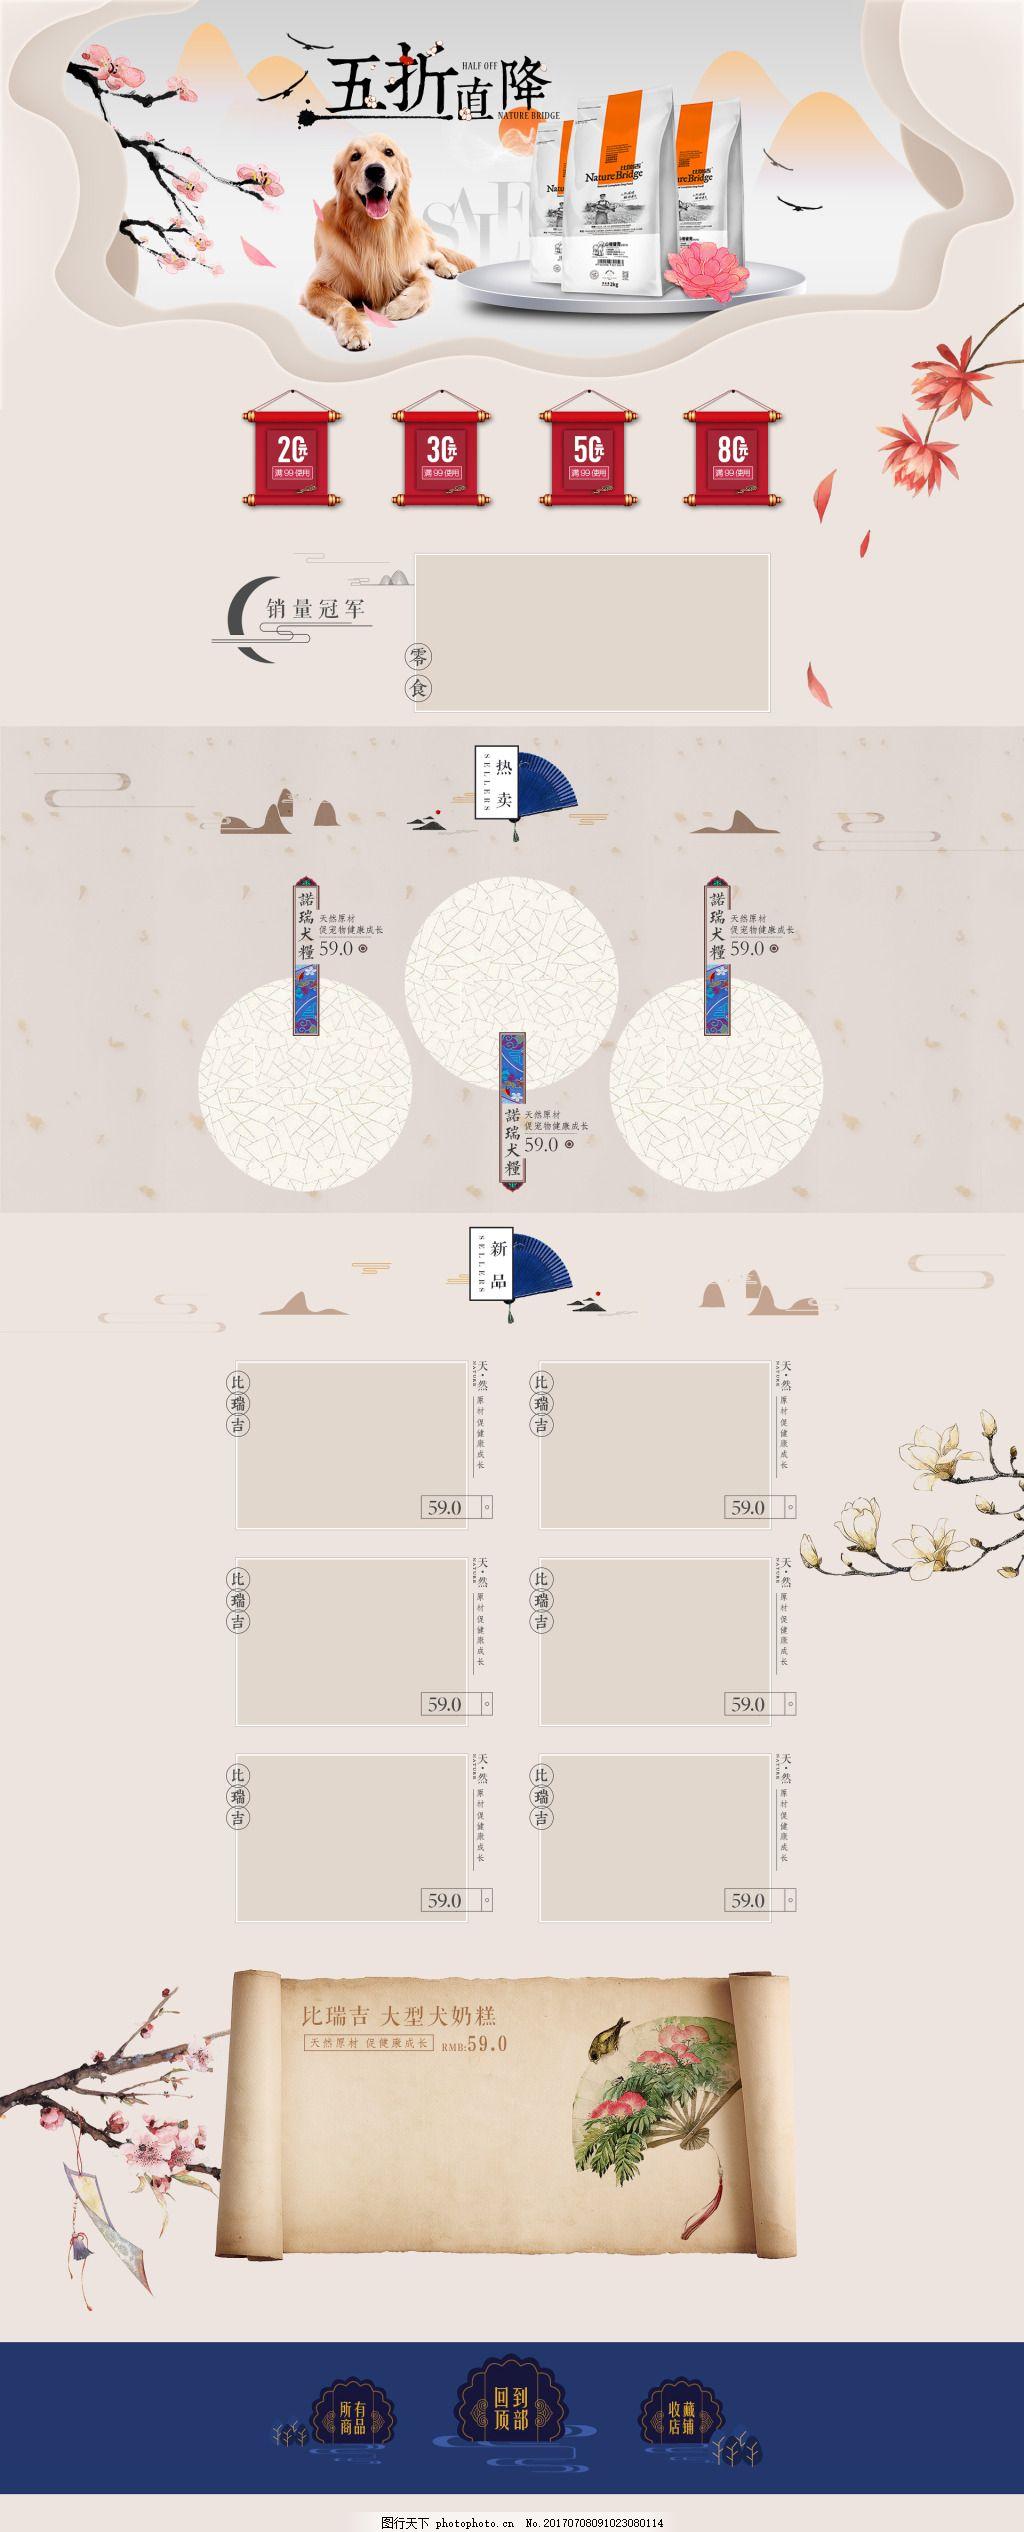 中国风淘宝天猫宠物用品PSD分层素材